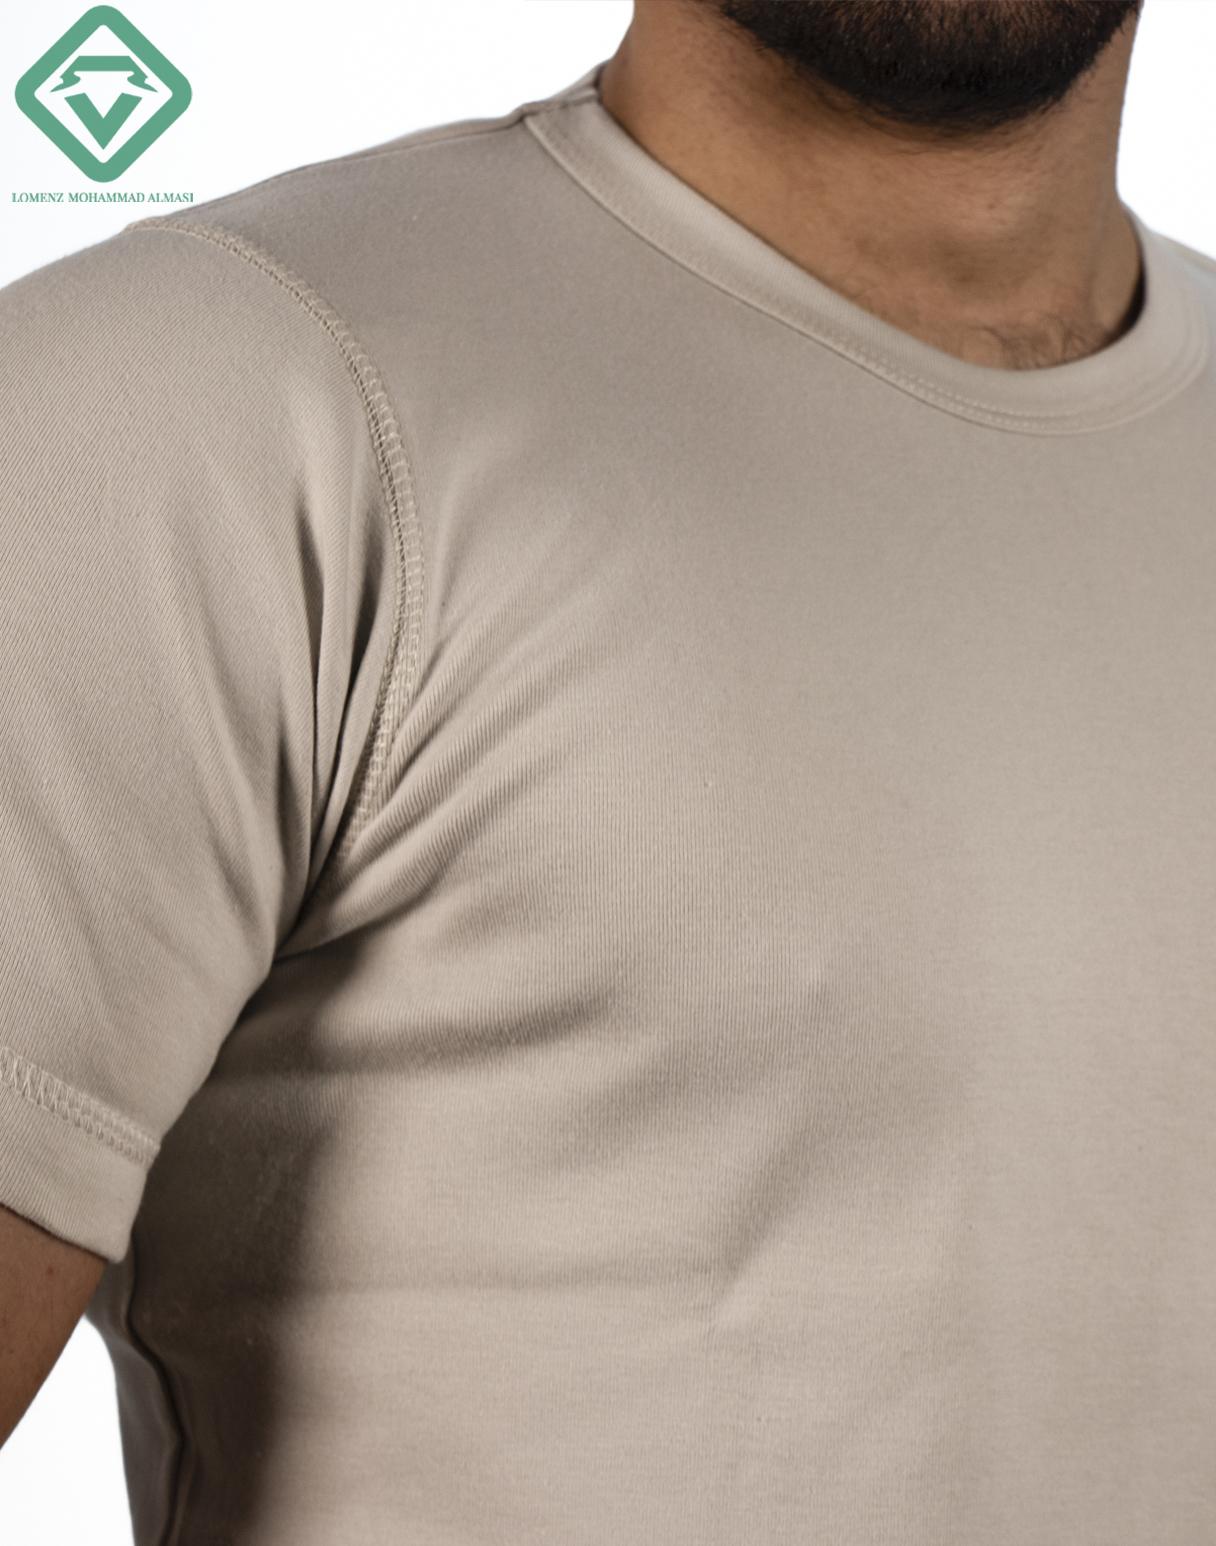 بافت تیشرت تام تیلور از سایز S تا XXXL   فروشگاه لومنز